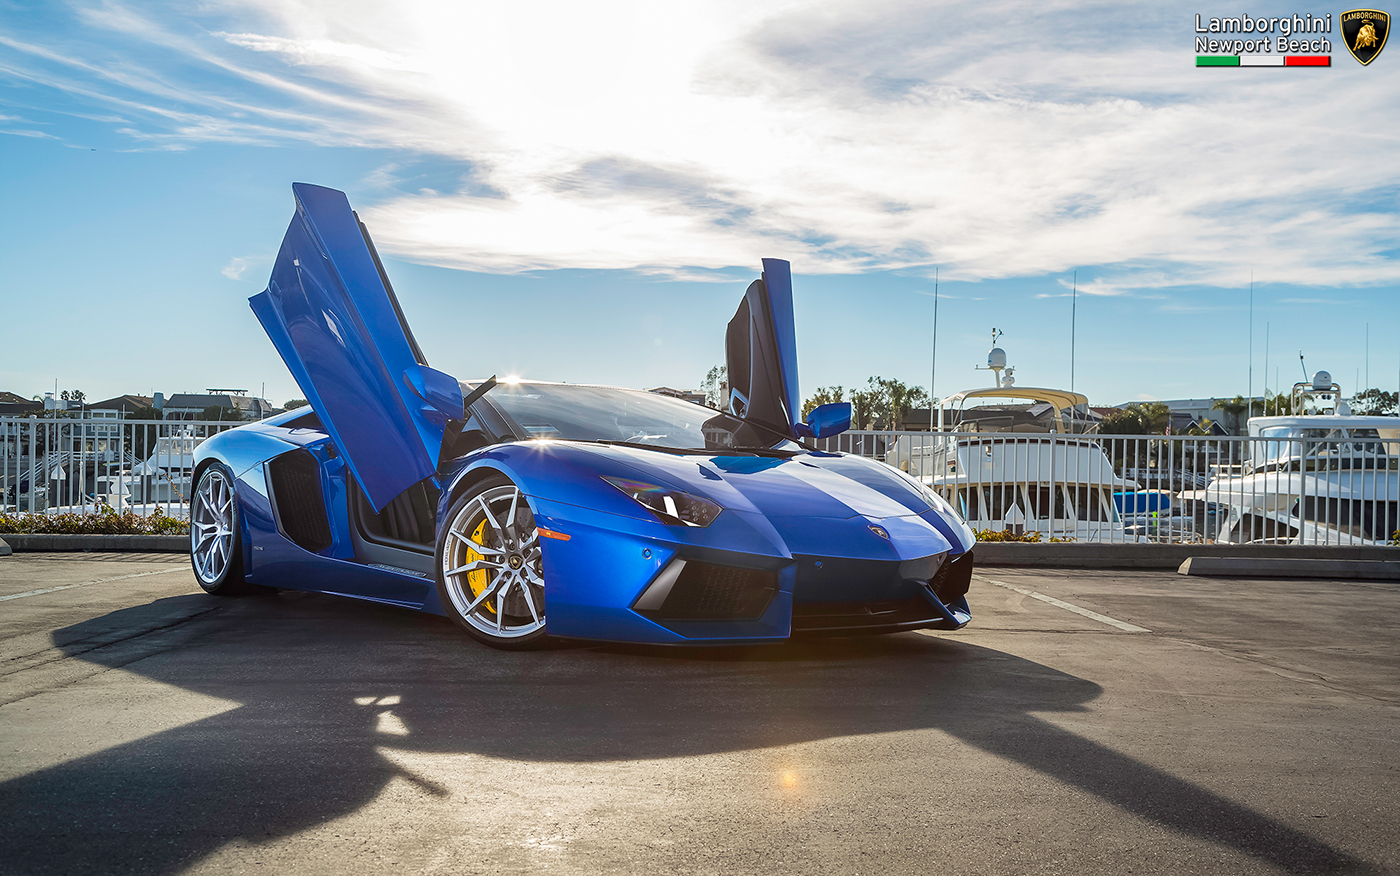 Lamborghini Aventador Lamborghini Newport Beach On Behance